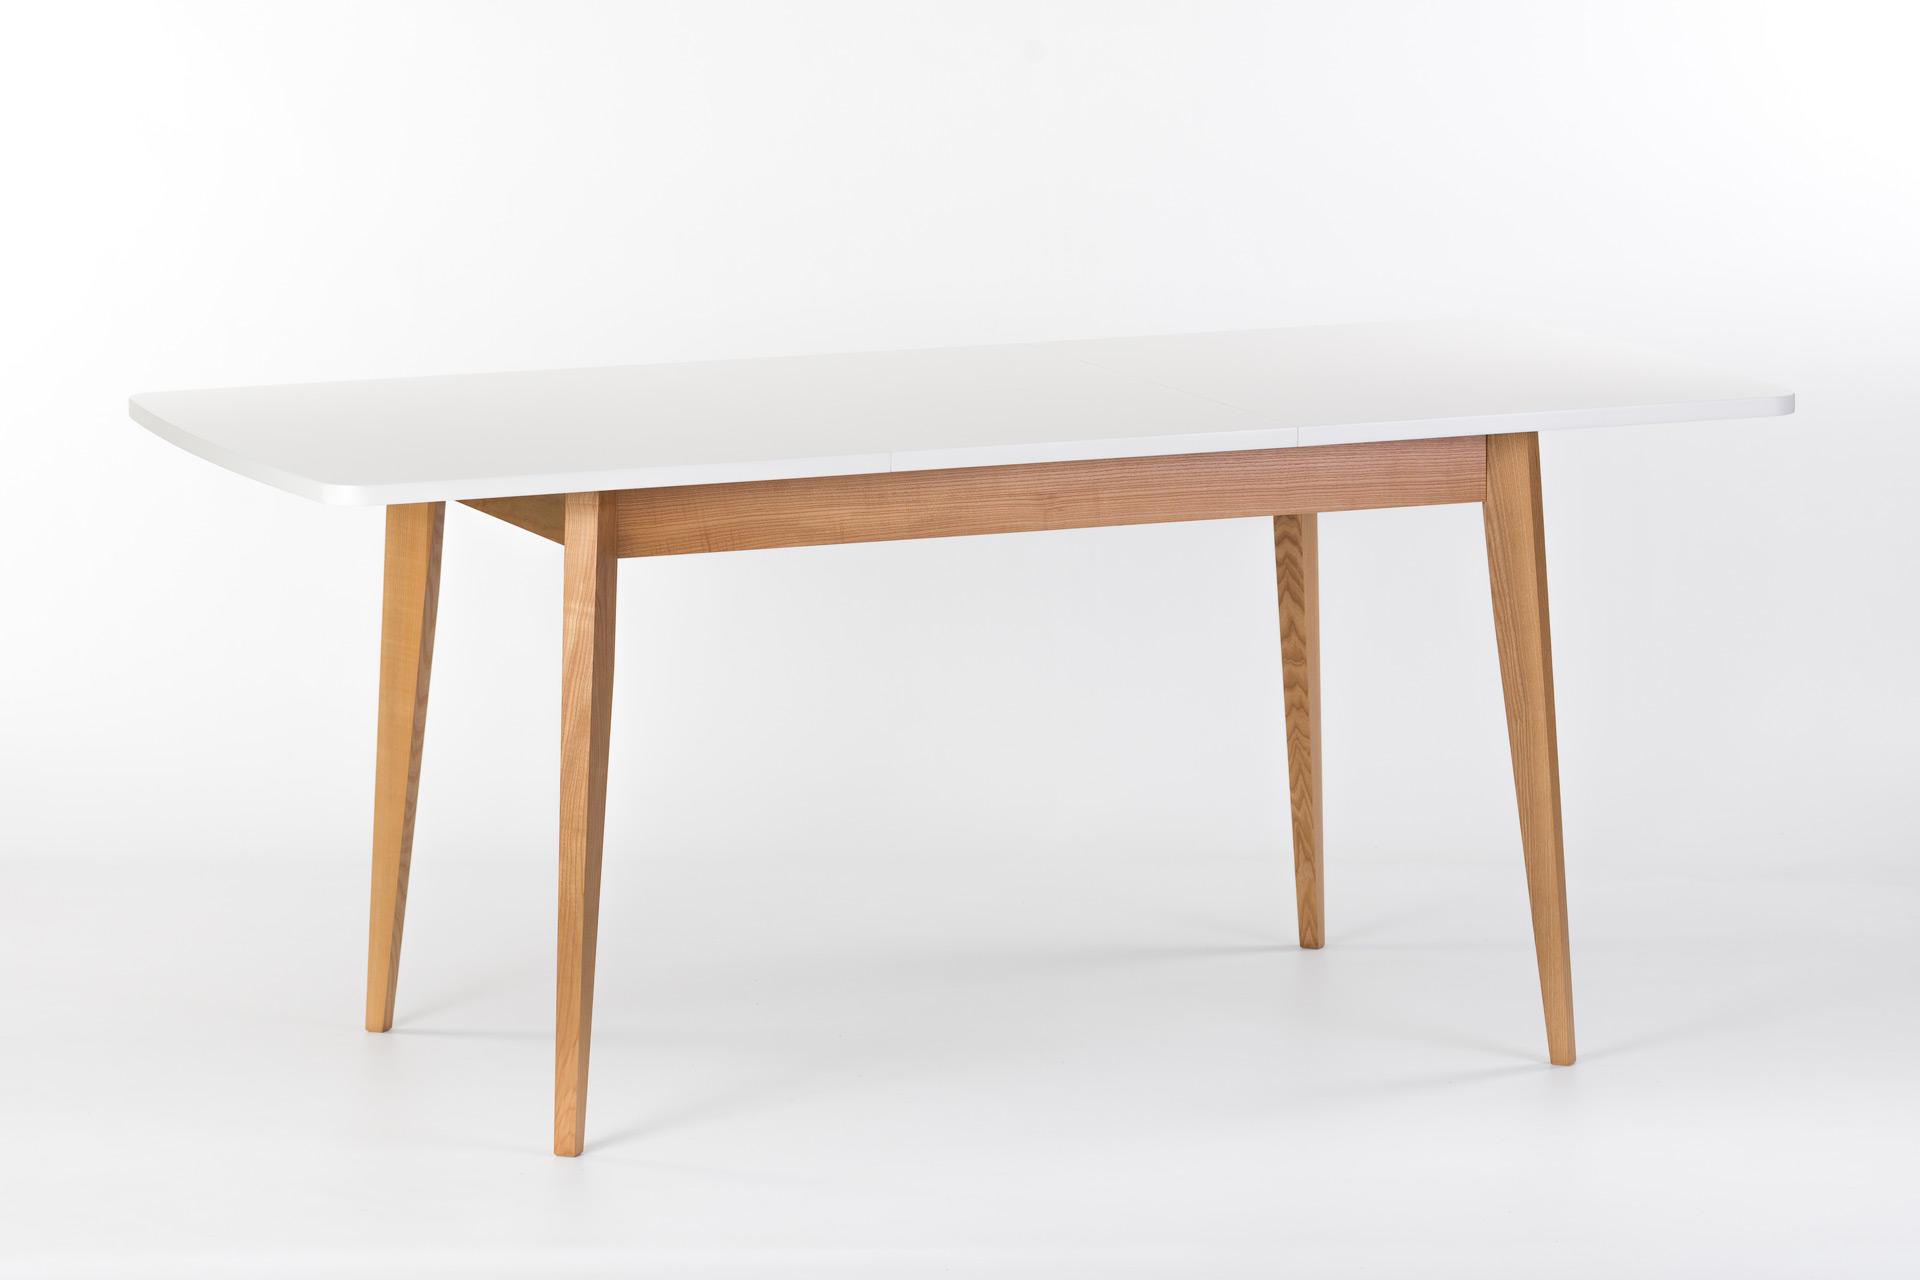 """Раскладной кухонный стол """"Турин"""" - прямоугольная белая столешница покрыта эмалью, ножки из твердого дерева покрыты эмалью, цвет SE-1403. Разложенный"""